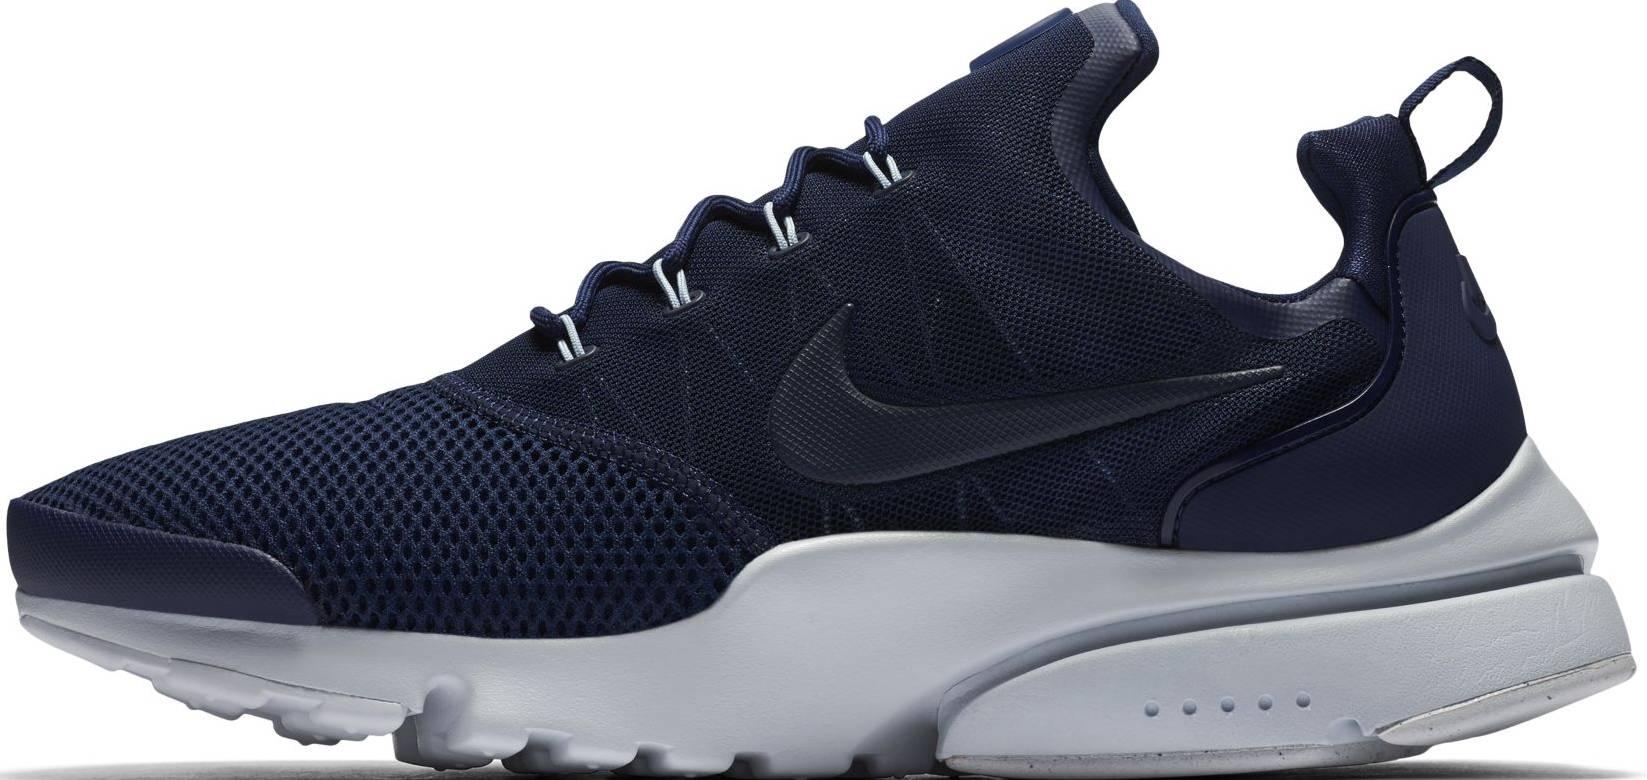 Nike Air Presto Fly кроссовки, обзор